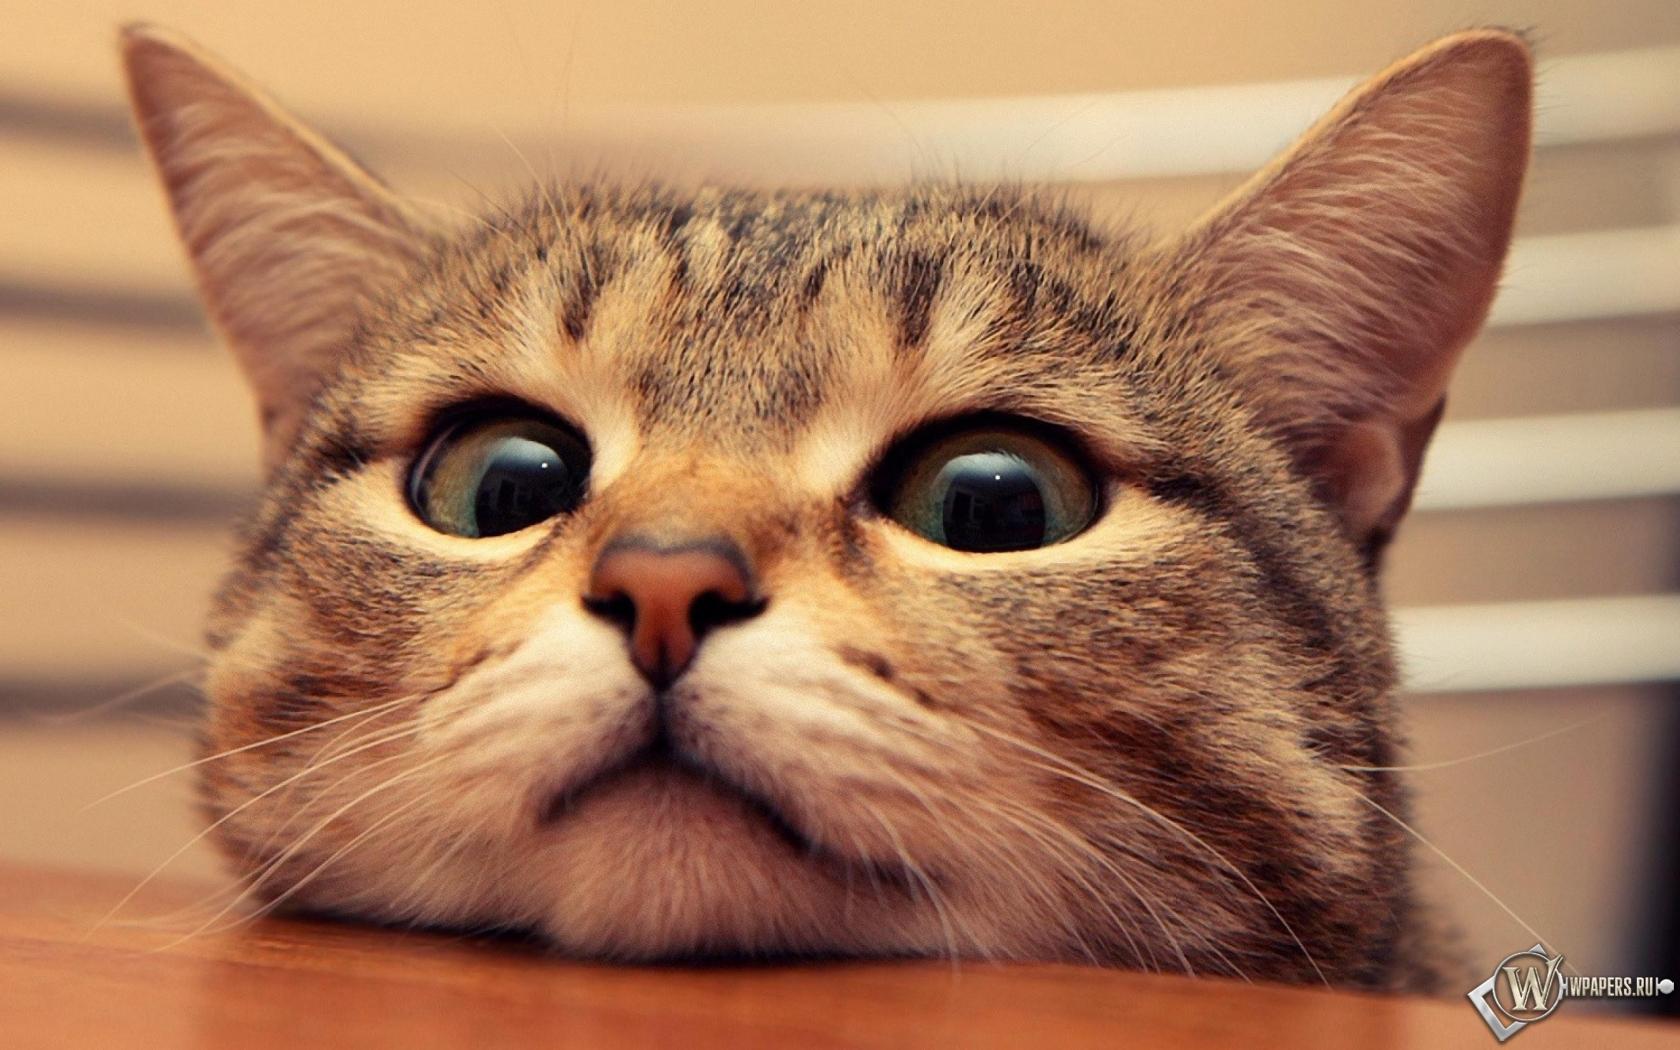 Обои удивленный кот на рабочий стол с